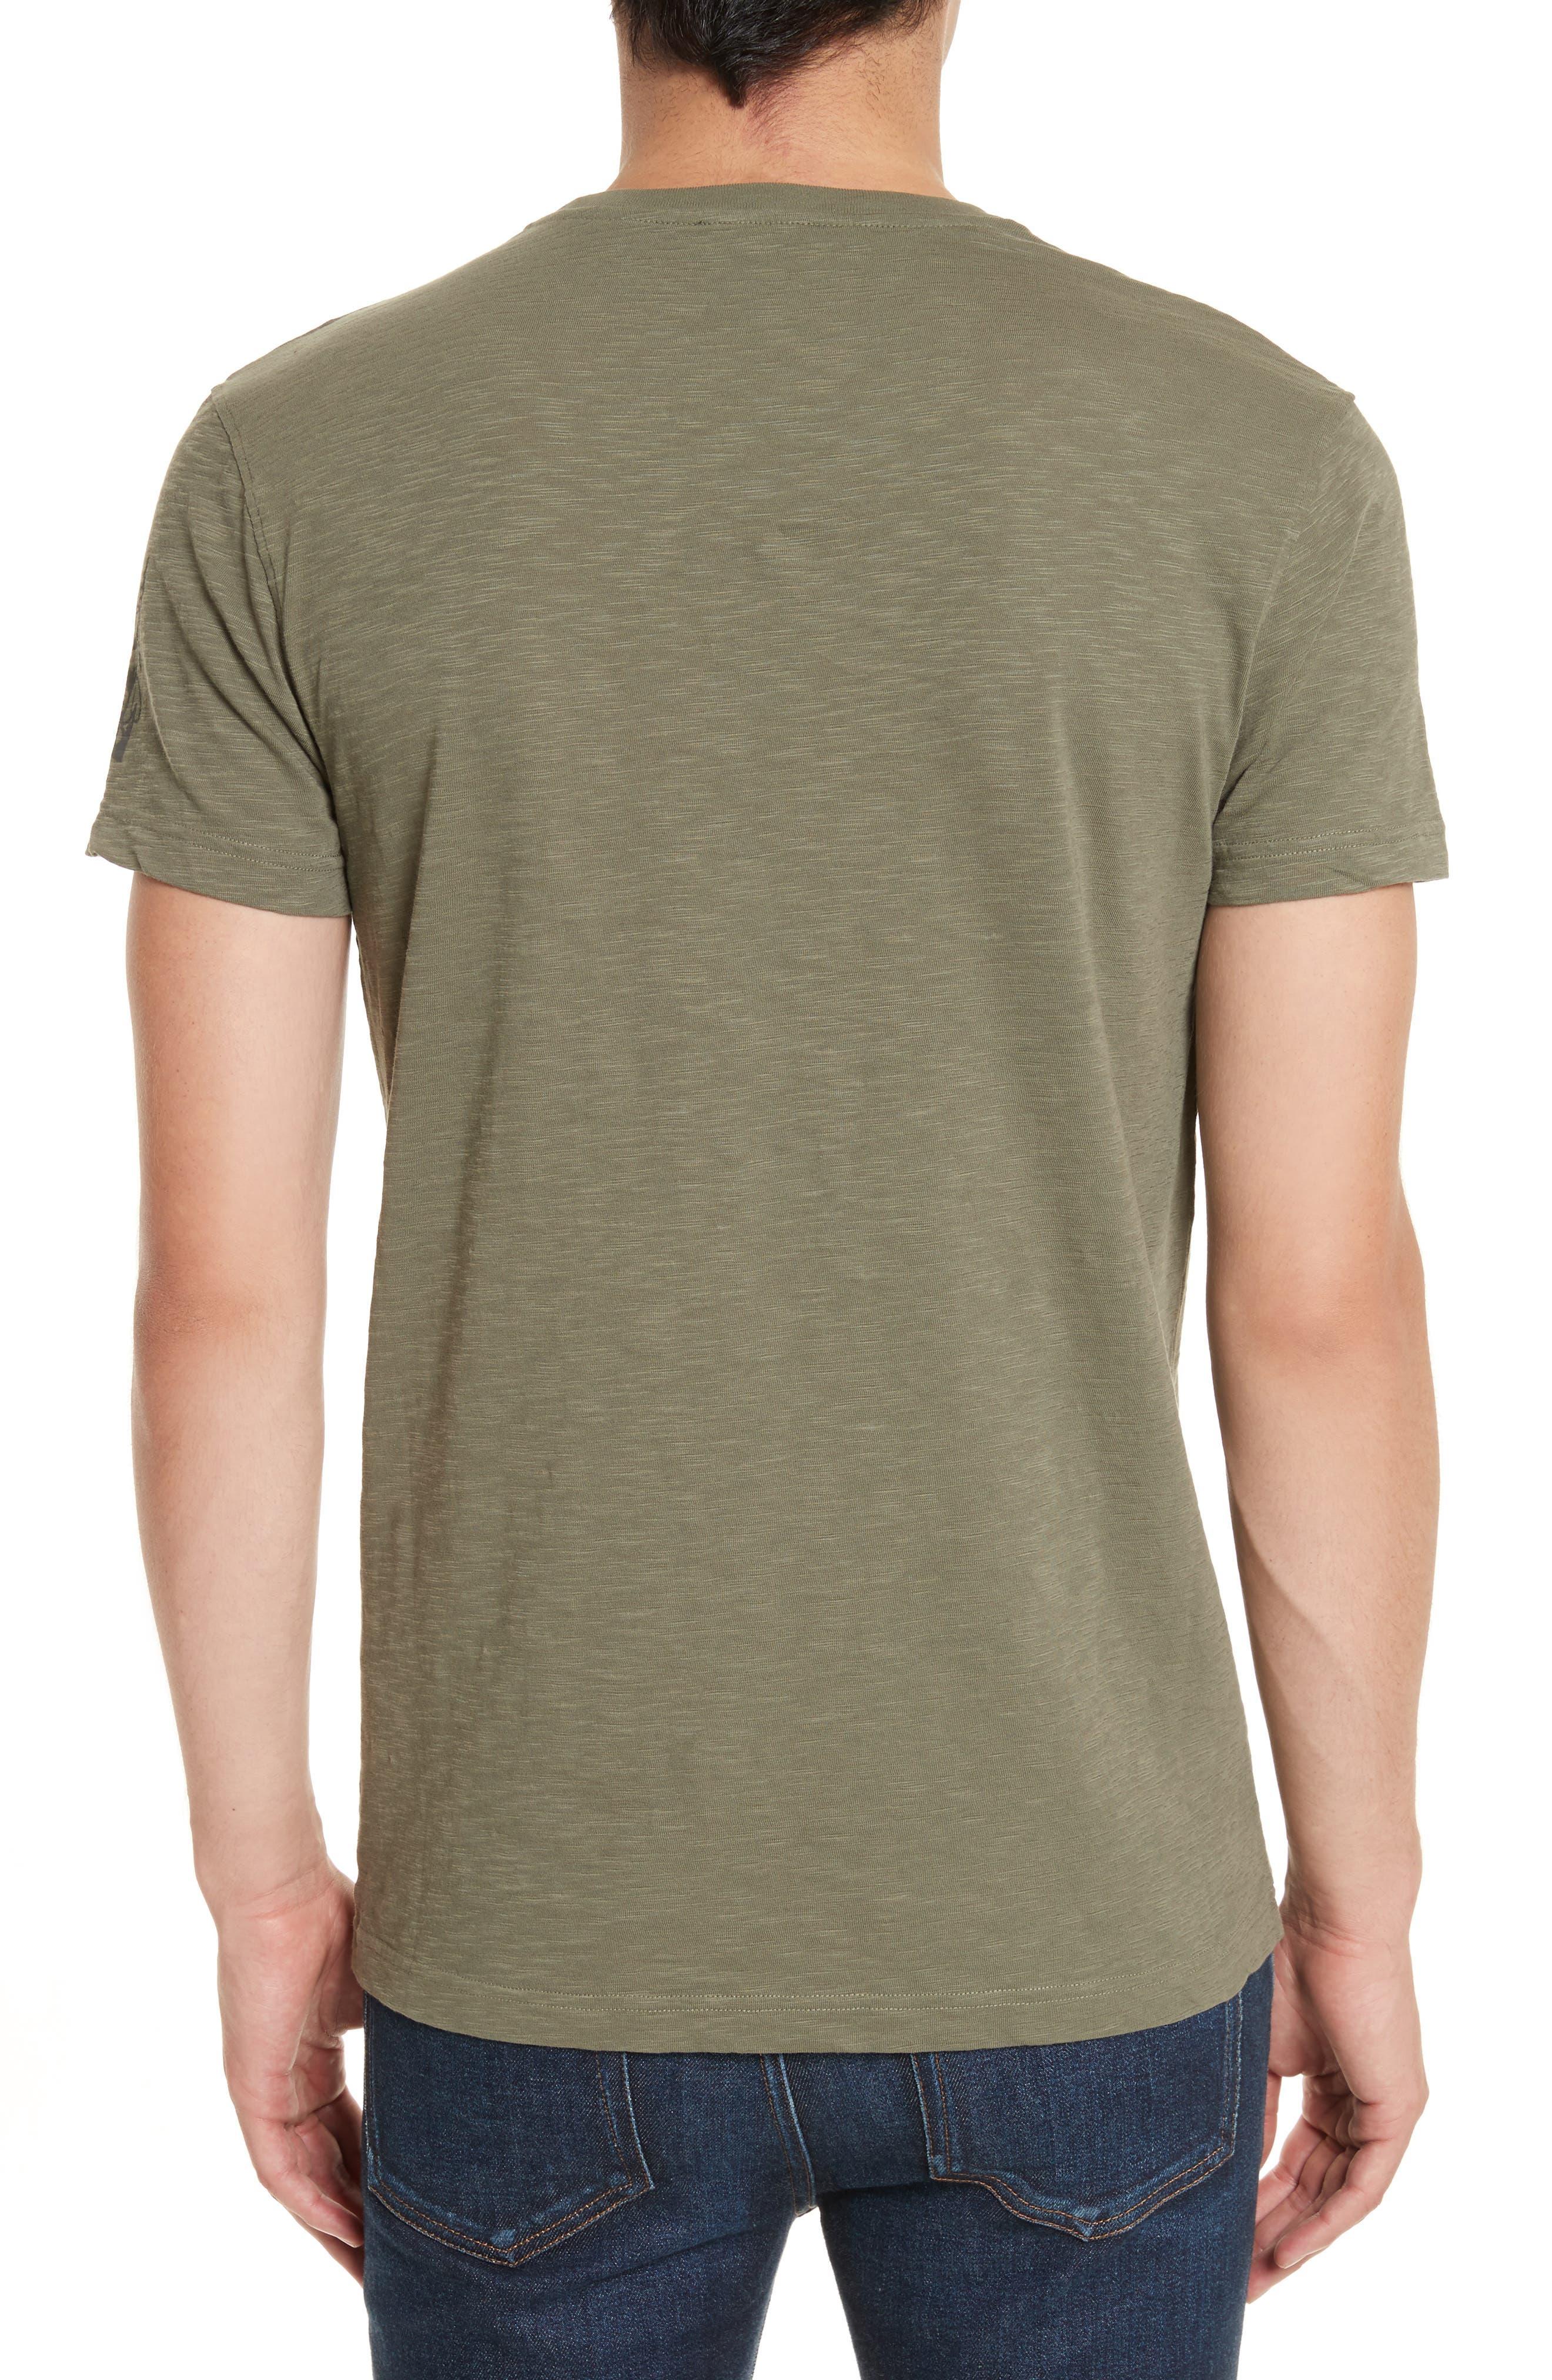 Hunsdon Graphic T-Shirt,                             Alternate thumbnail 2, color,                             332